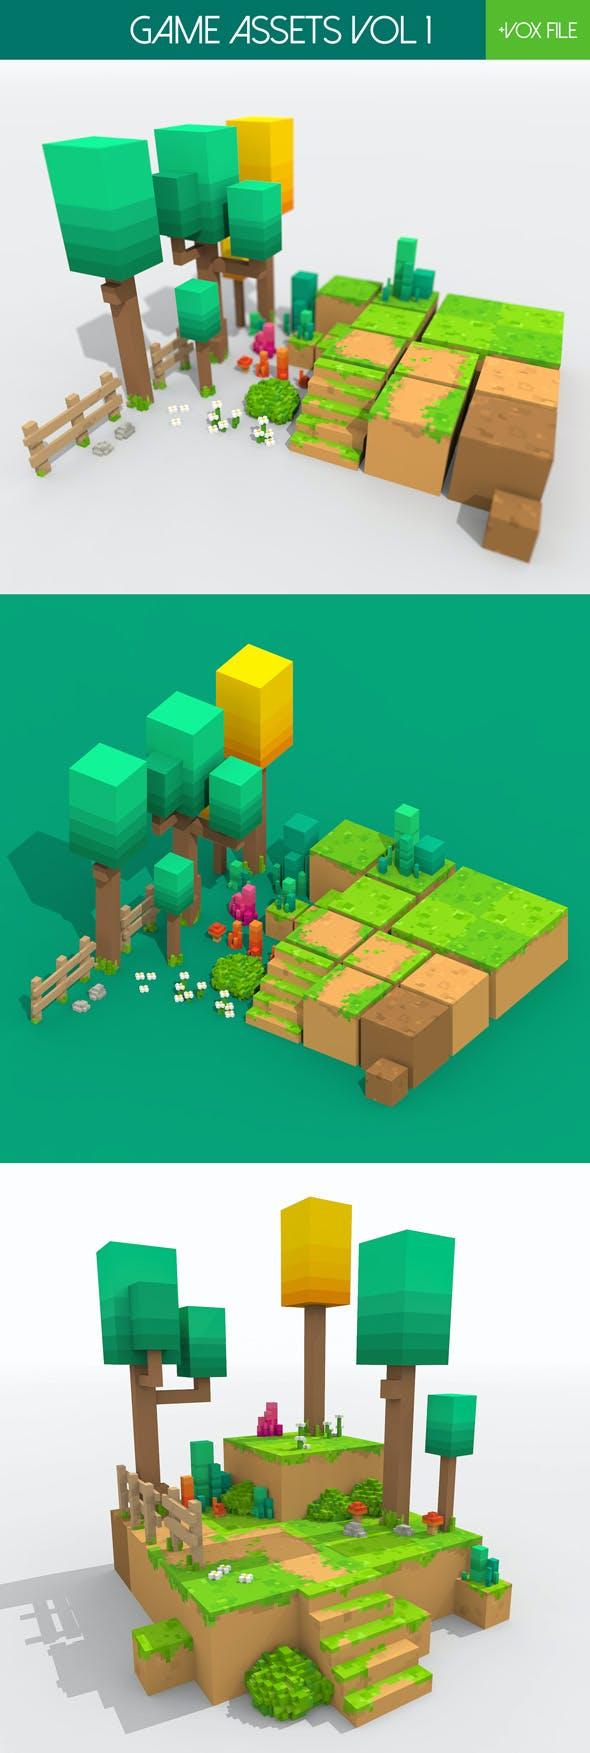 Game Assets Vol 1 - Voxel Art - 3DOcean Item for Sale